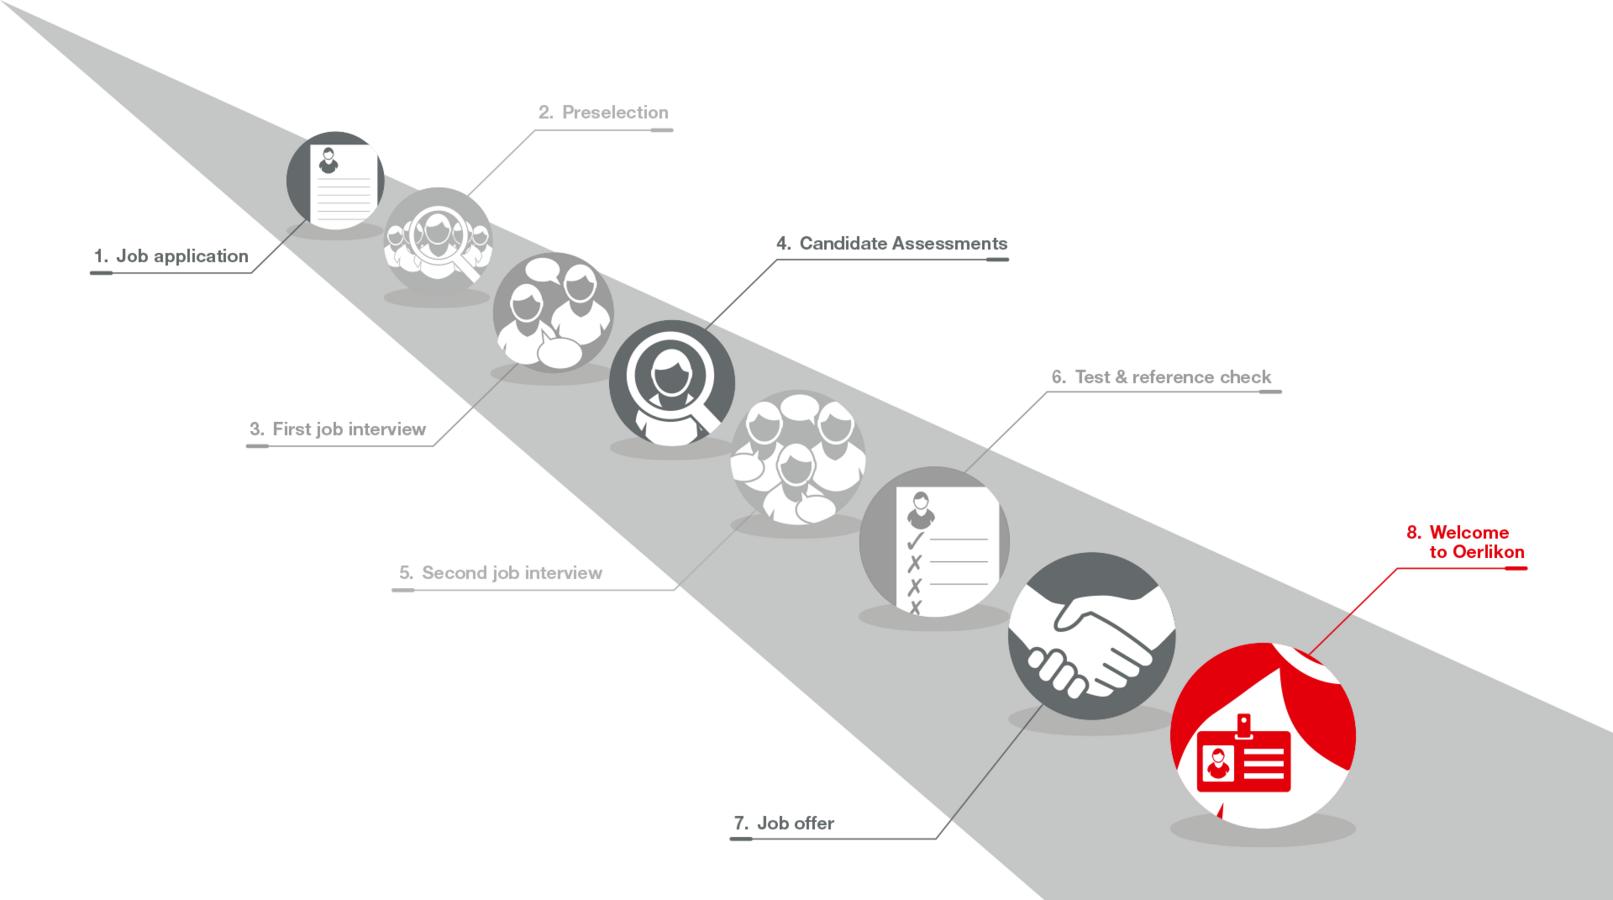 Recruitment process | Oerlikon